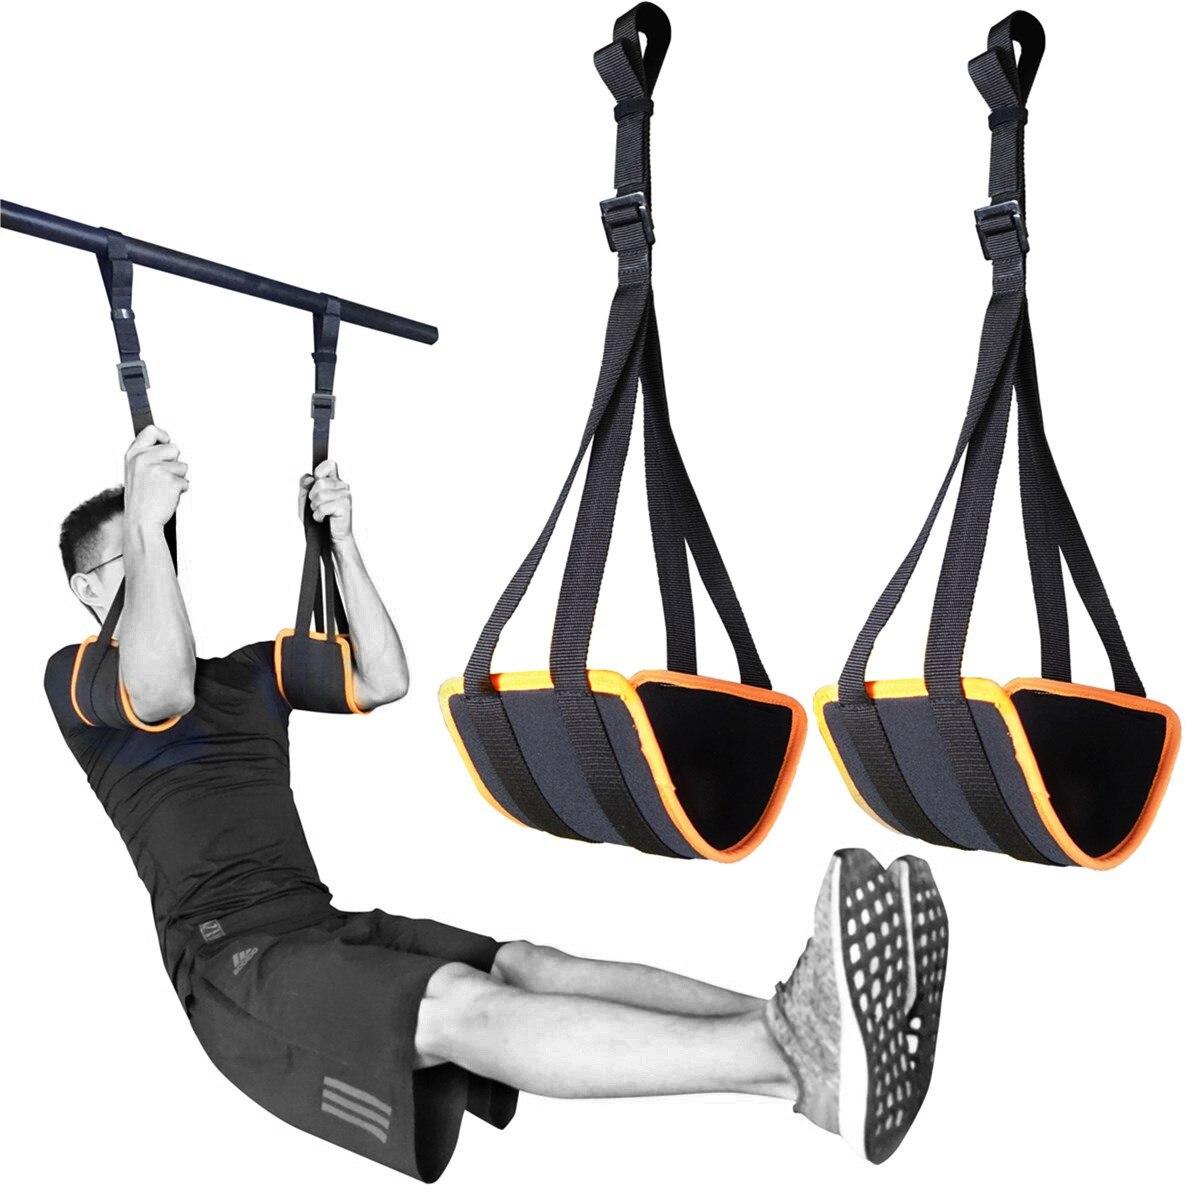 Sport Einstellbare Ab Straps für Pull Up Bar Hängen Bauch Slings Heavy Duty Strap und Neopren Padded Home Gym Core workouts